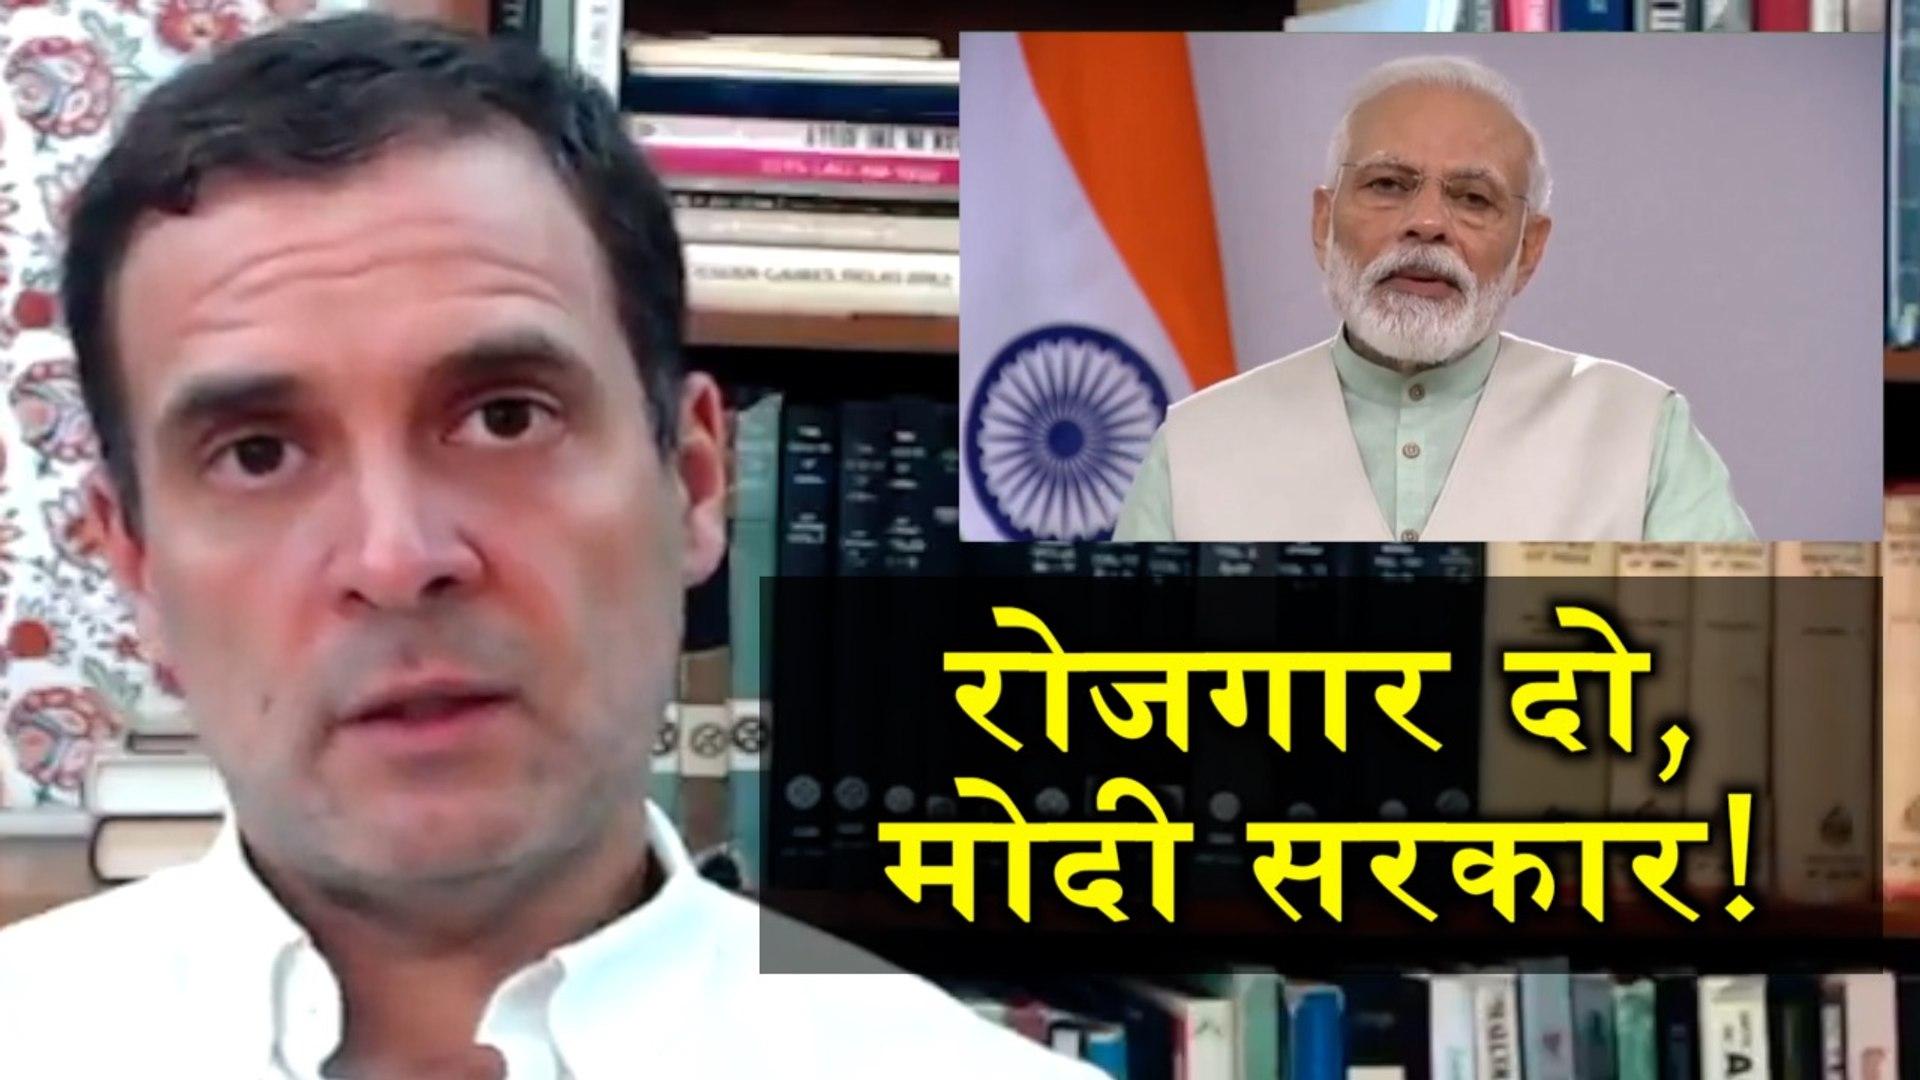 रोजगार को लेकर राहुल गांधी का सरकार पर  तंज